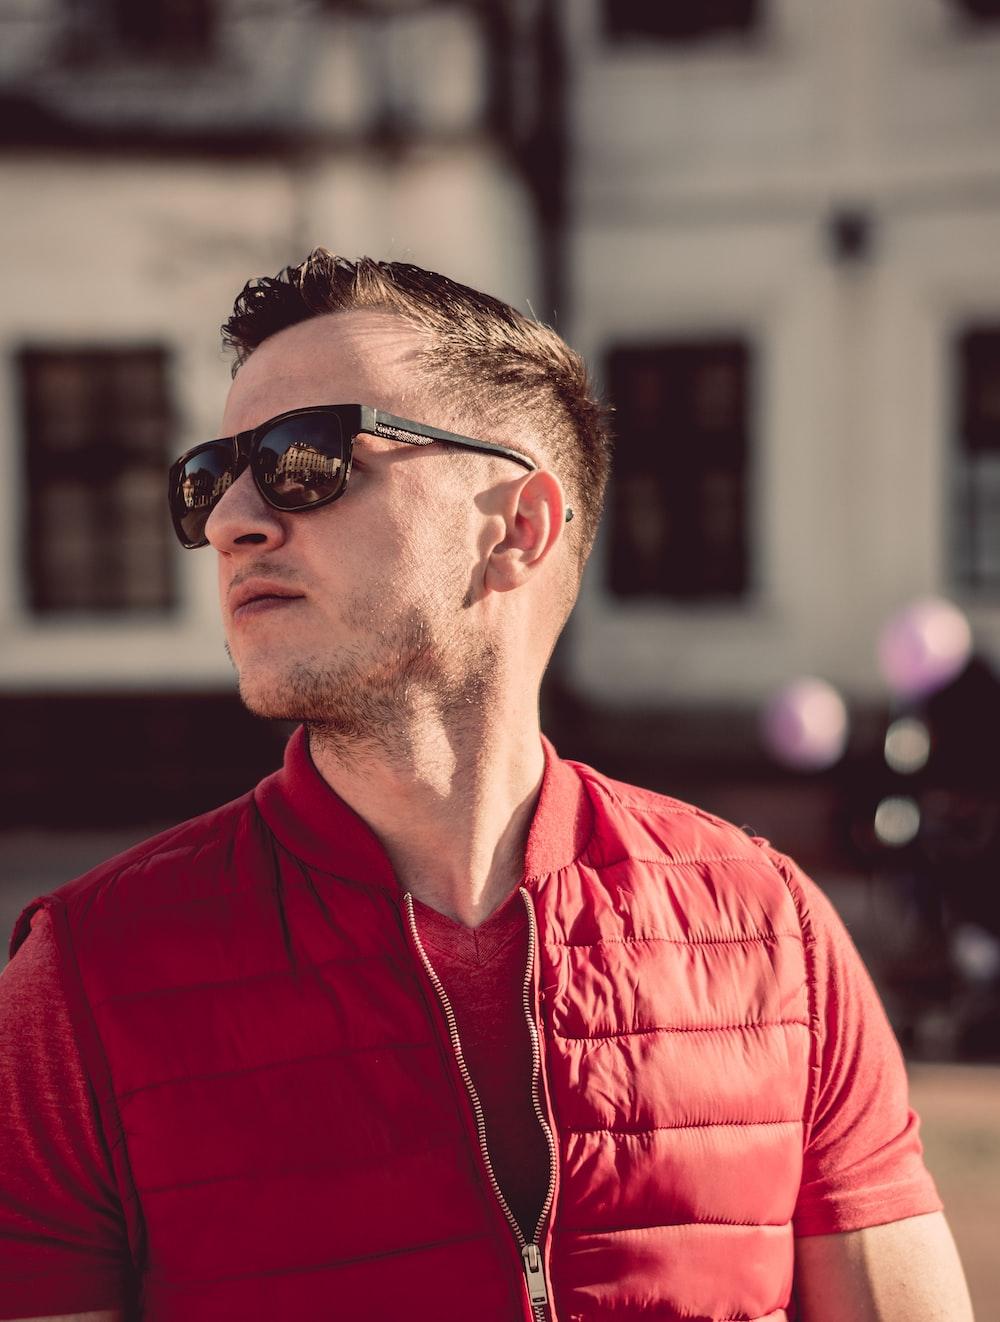 man in red zip-up top